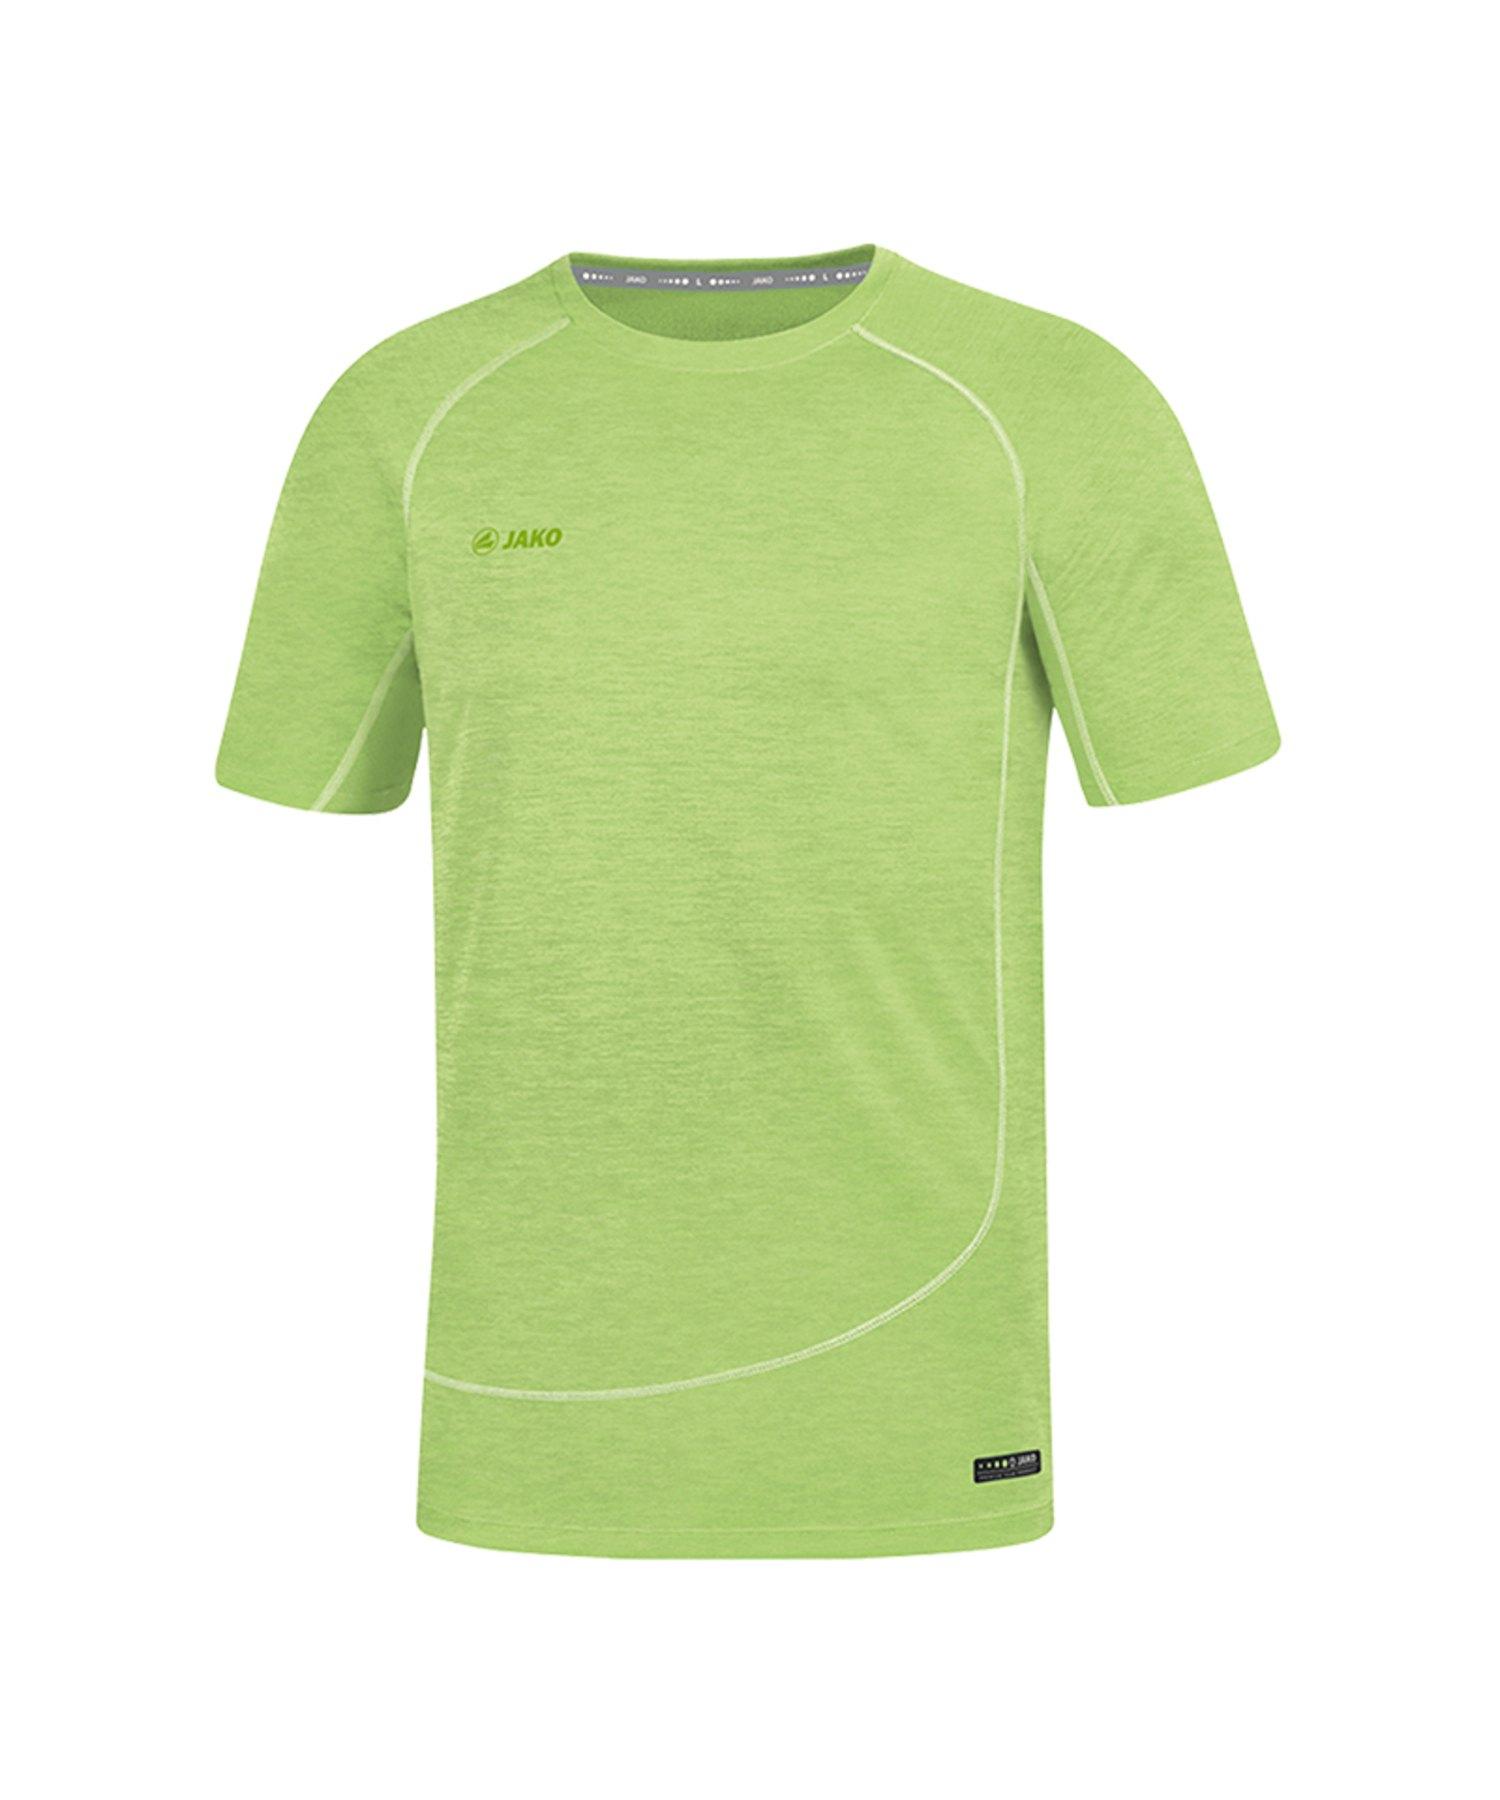 Jako T-Shirt Active Basics Grün F25 - Gruen